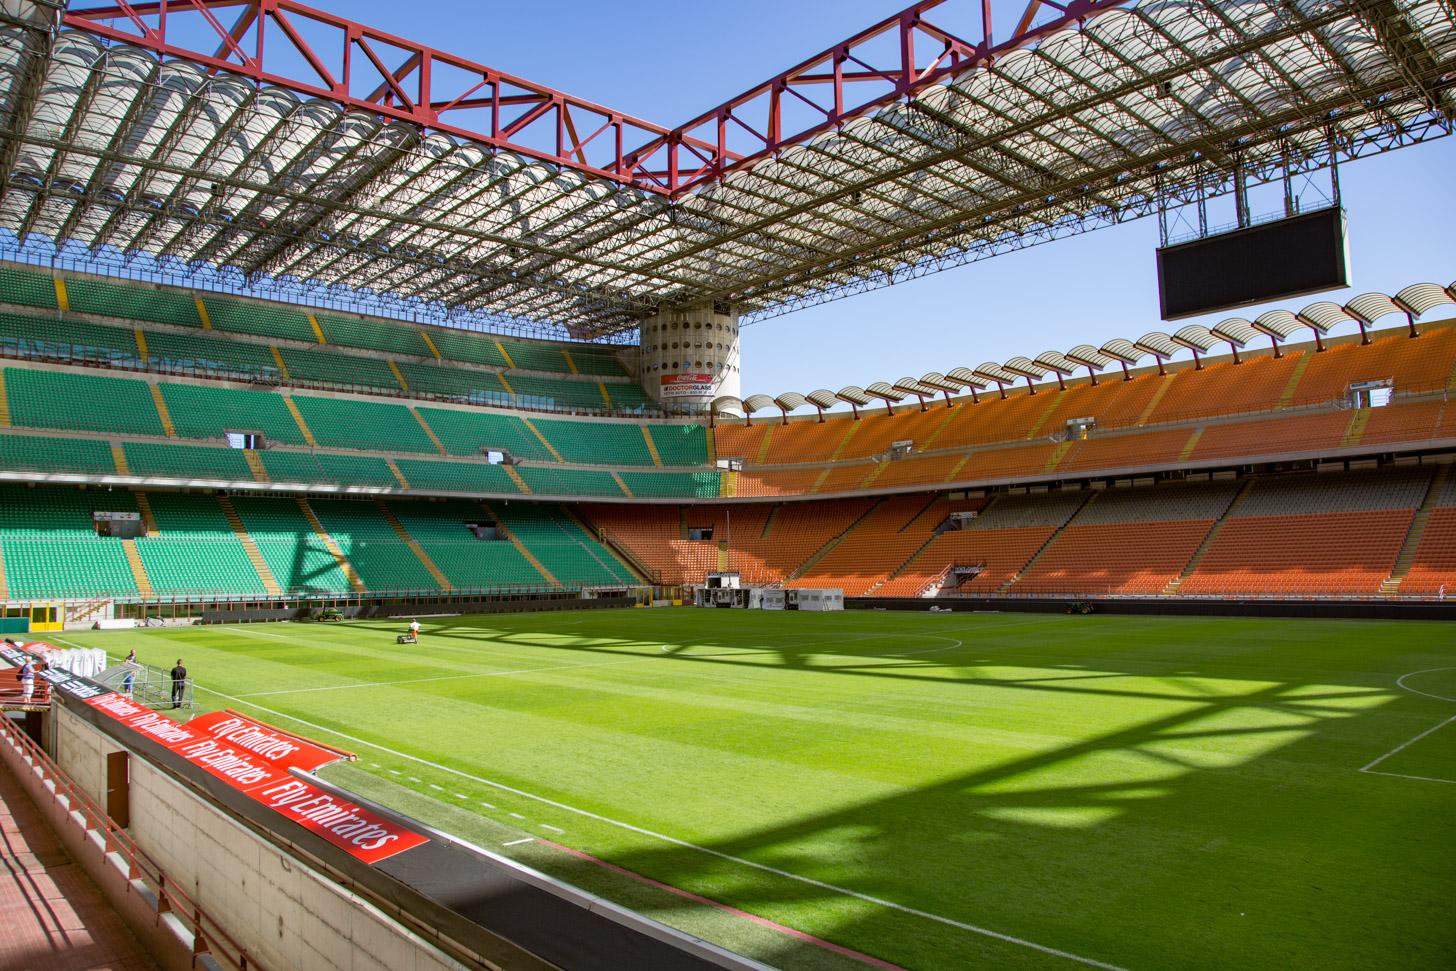 Het veld en de tribunes van het San Siro stadion in Milaan.